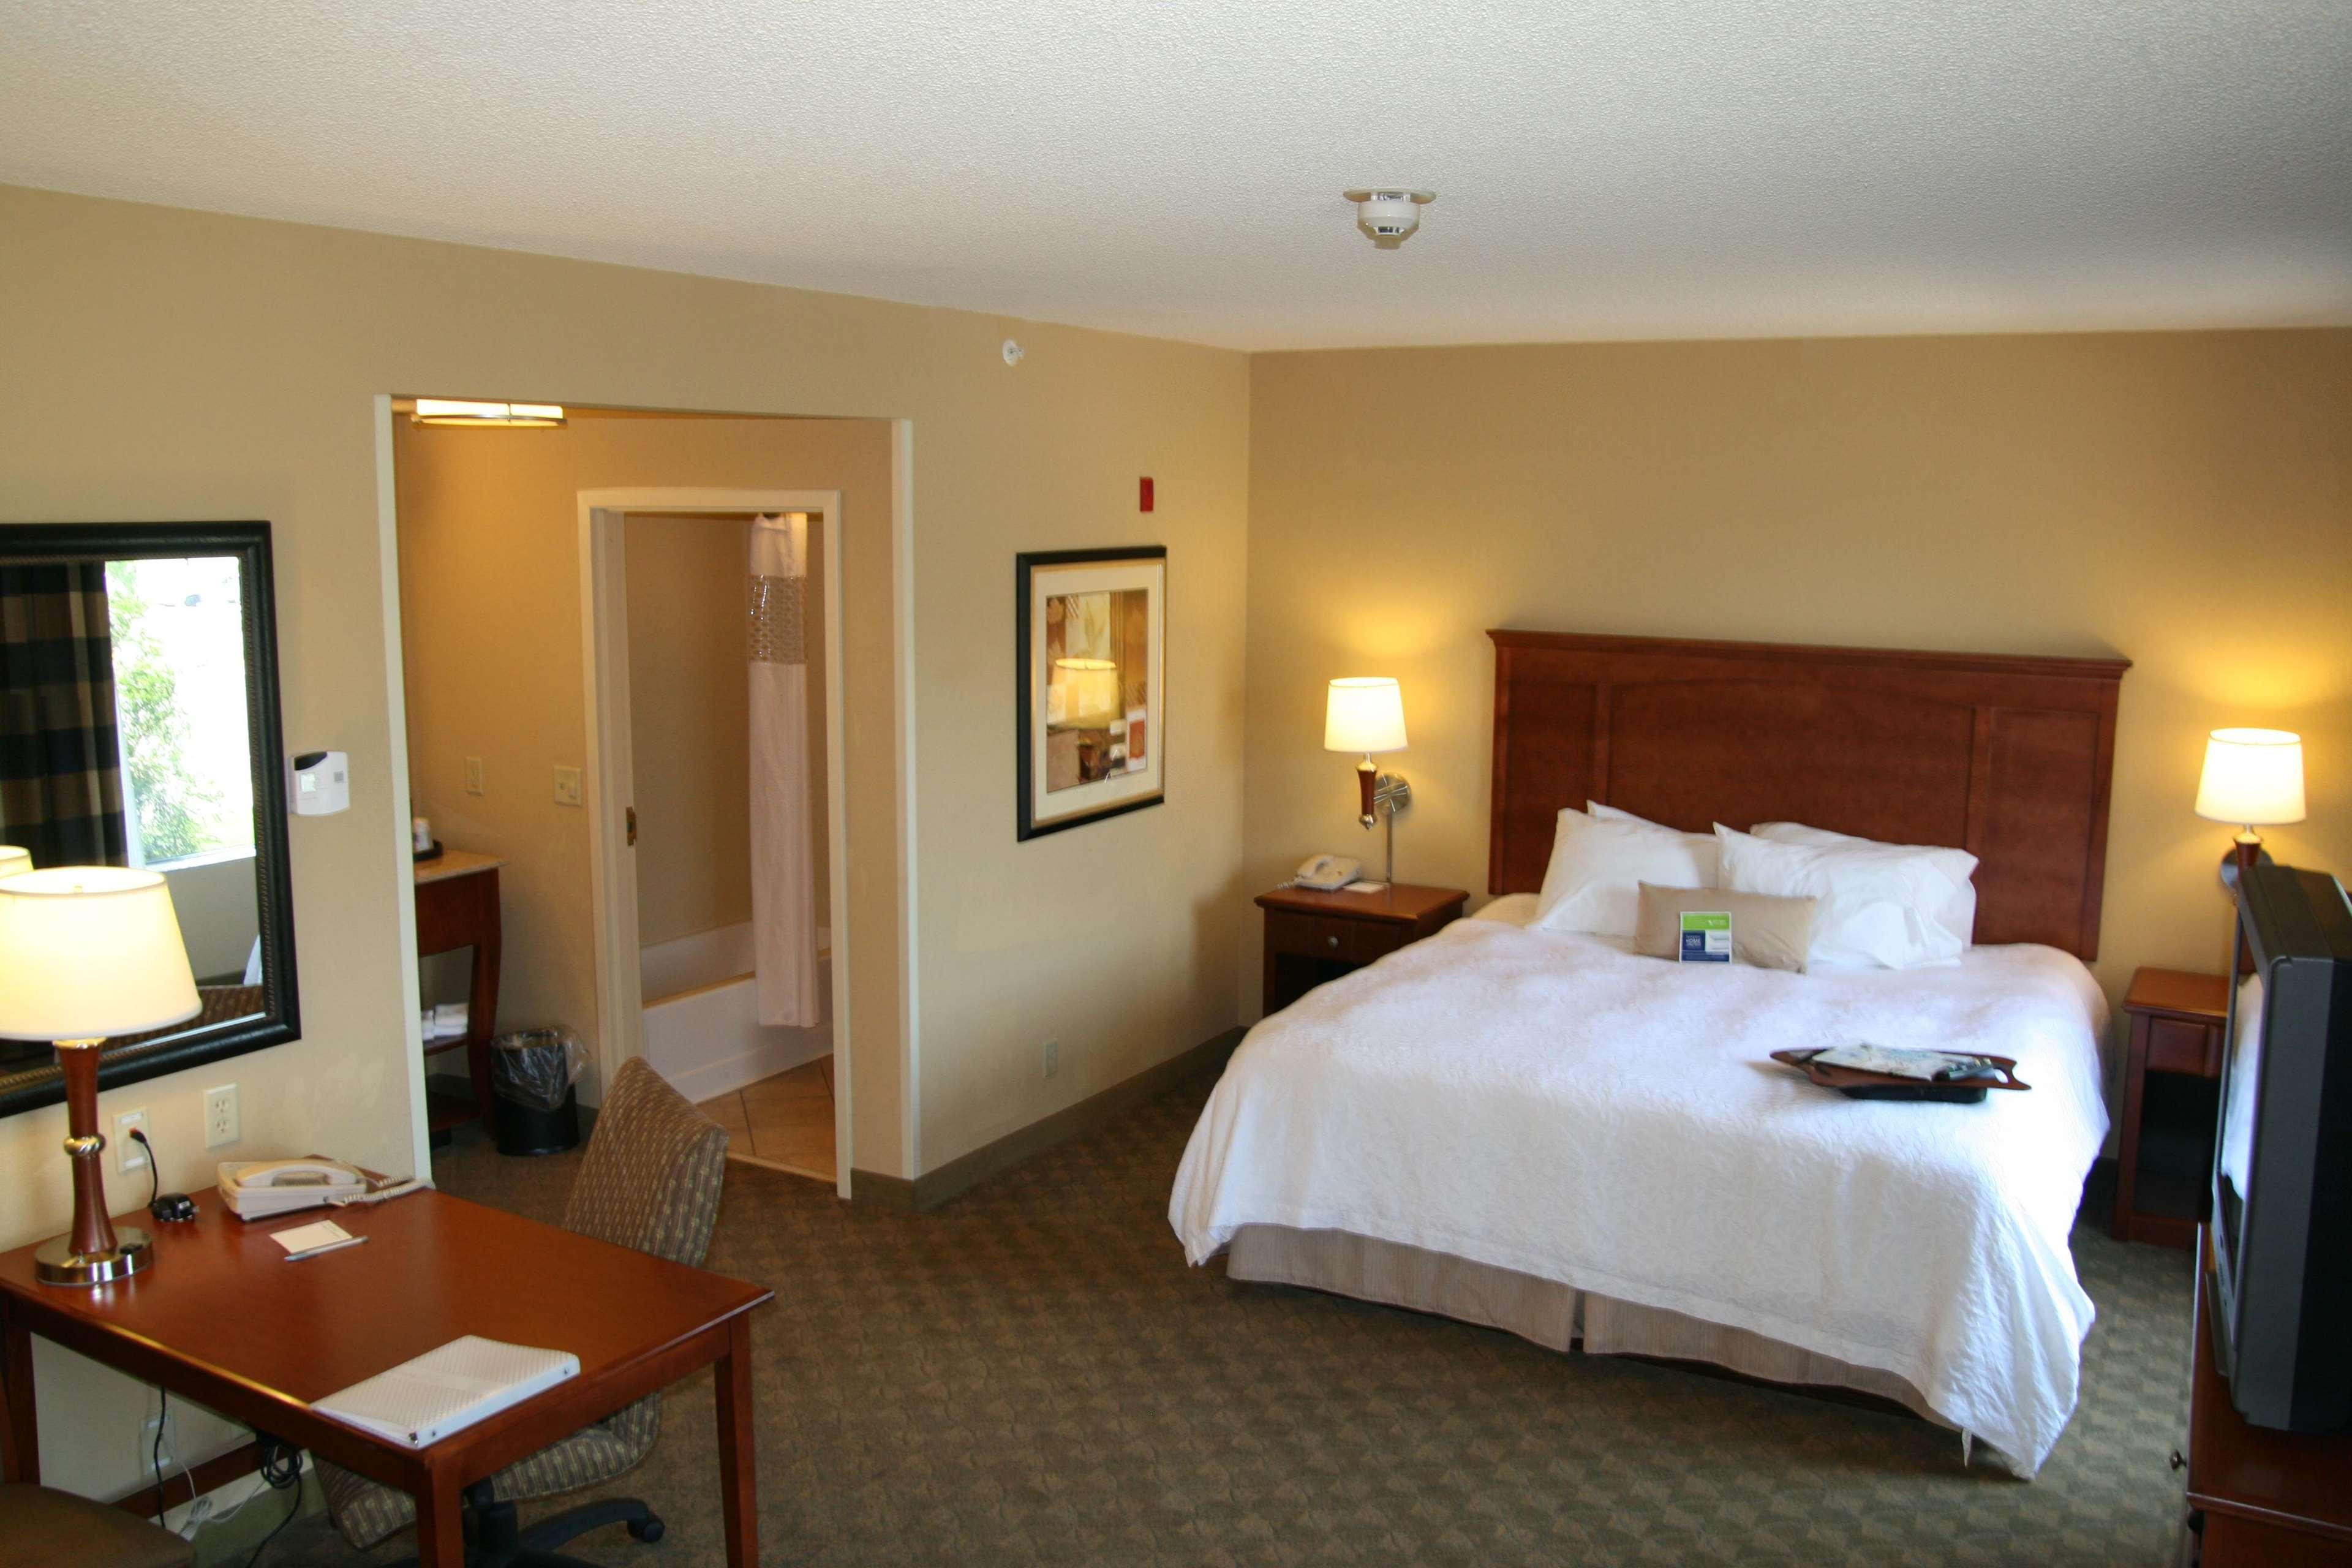 Hampton Inn & Suites Paducah image 29